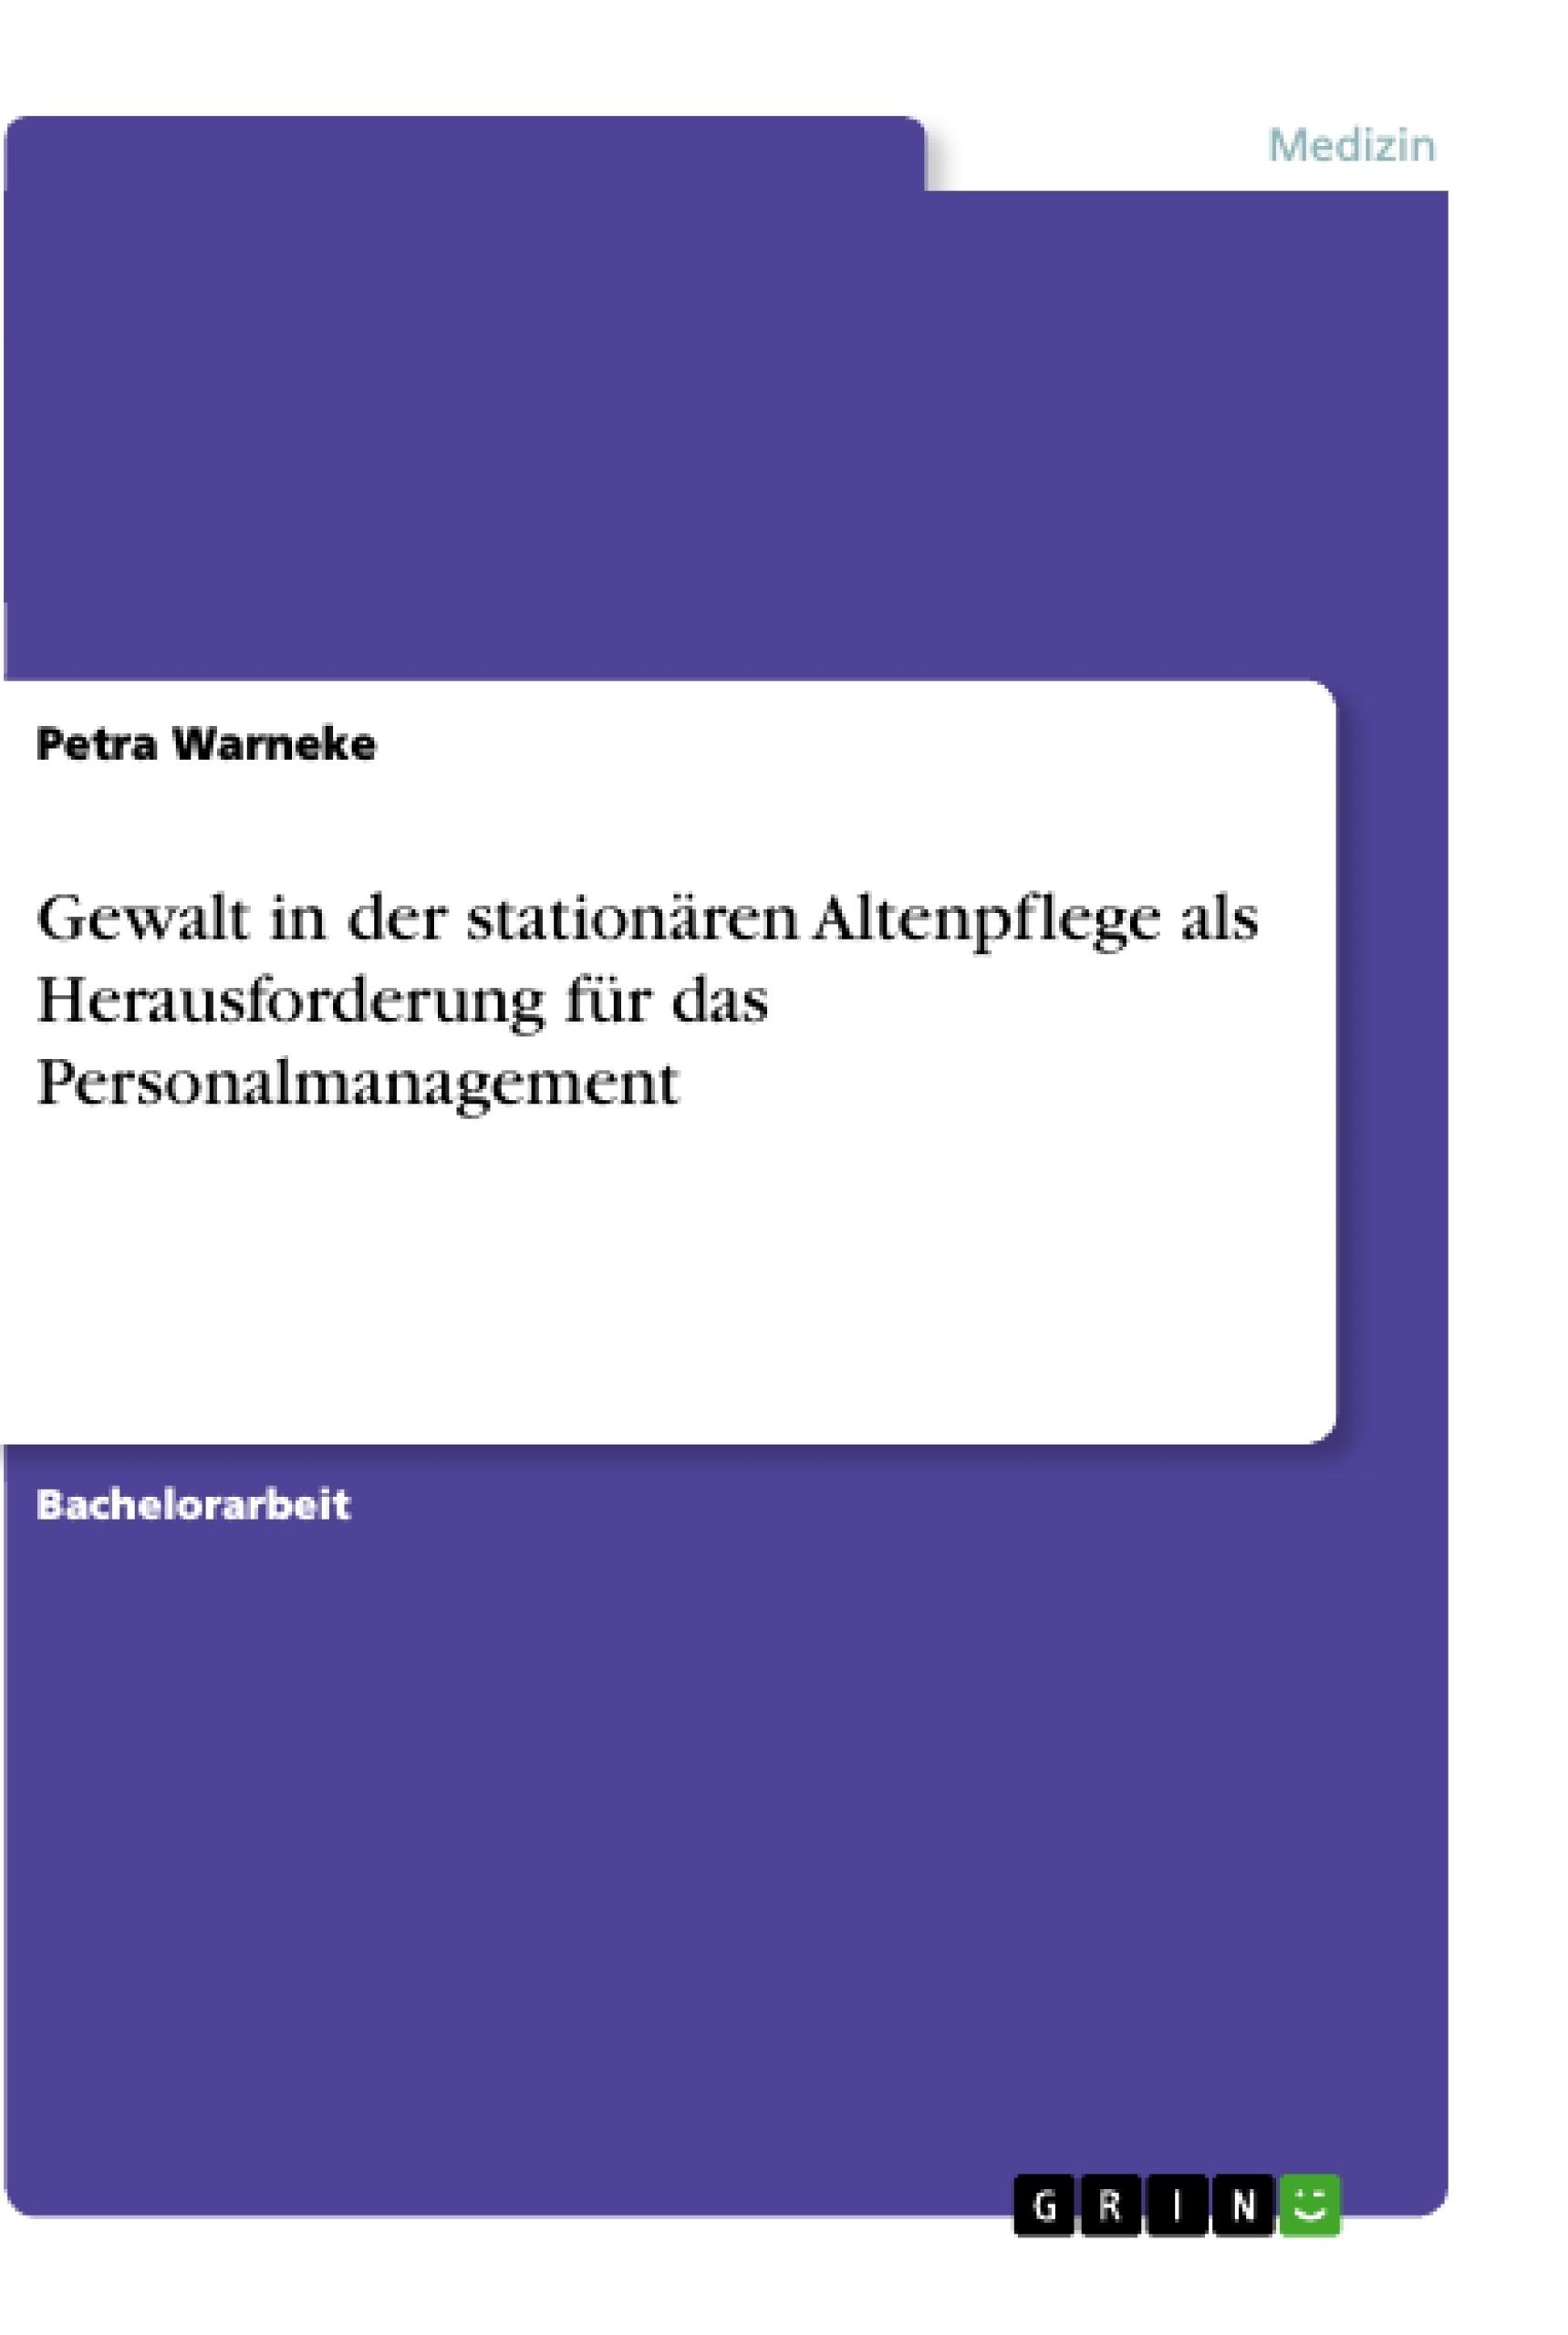 Titel: Gewalt in der stationären Altenpflege als Herausforderung für das Personalmanagement